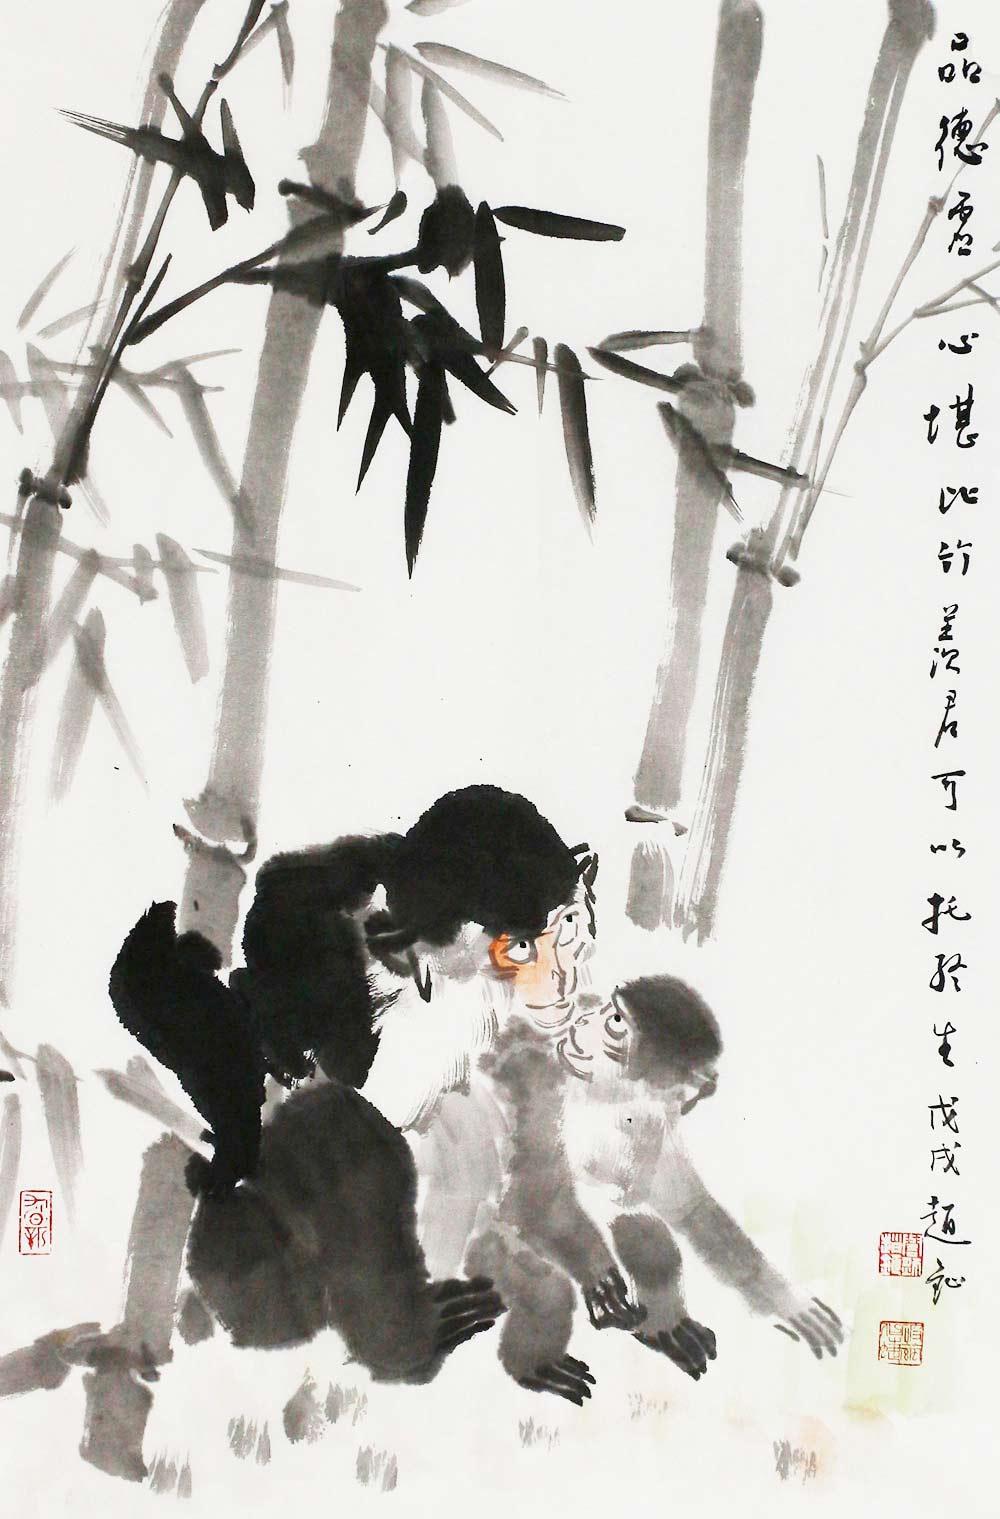 画面的背景是几棵粗壮而坚挺的竹树,一大一小两只猴子在竹林嬉戏,小